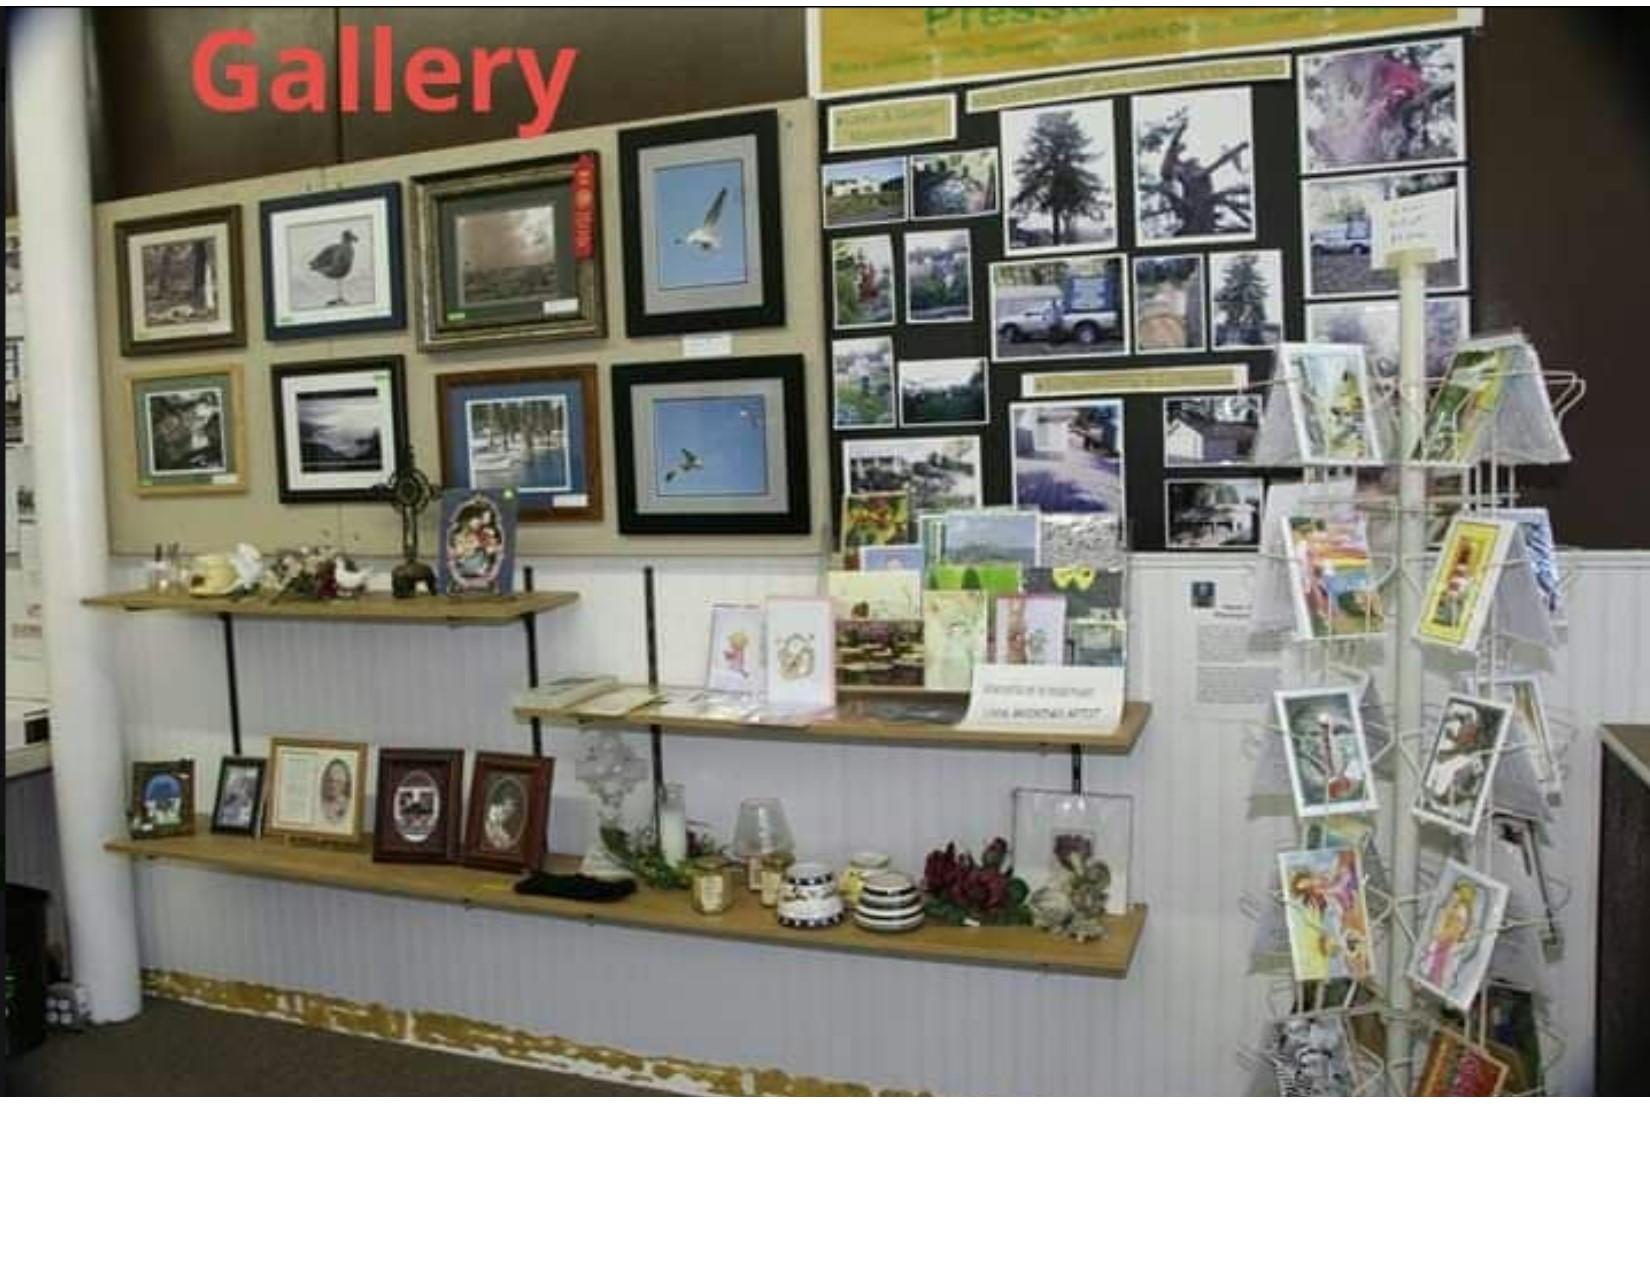 Village Mail Express Gallery.jpg